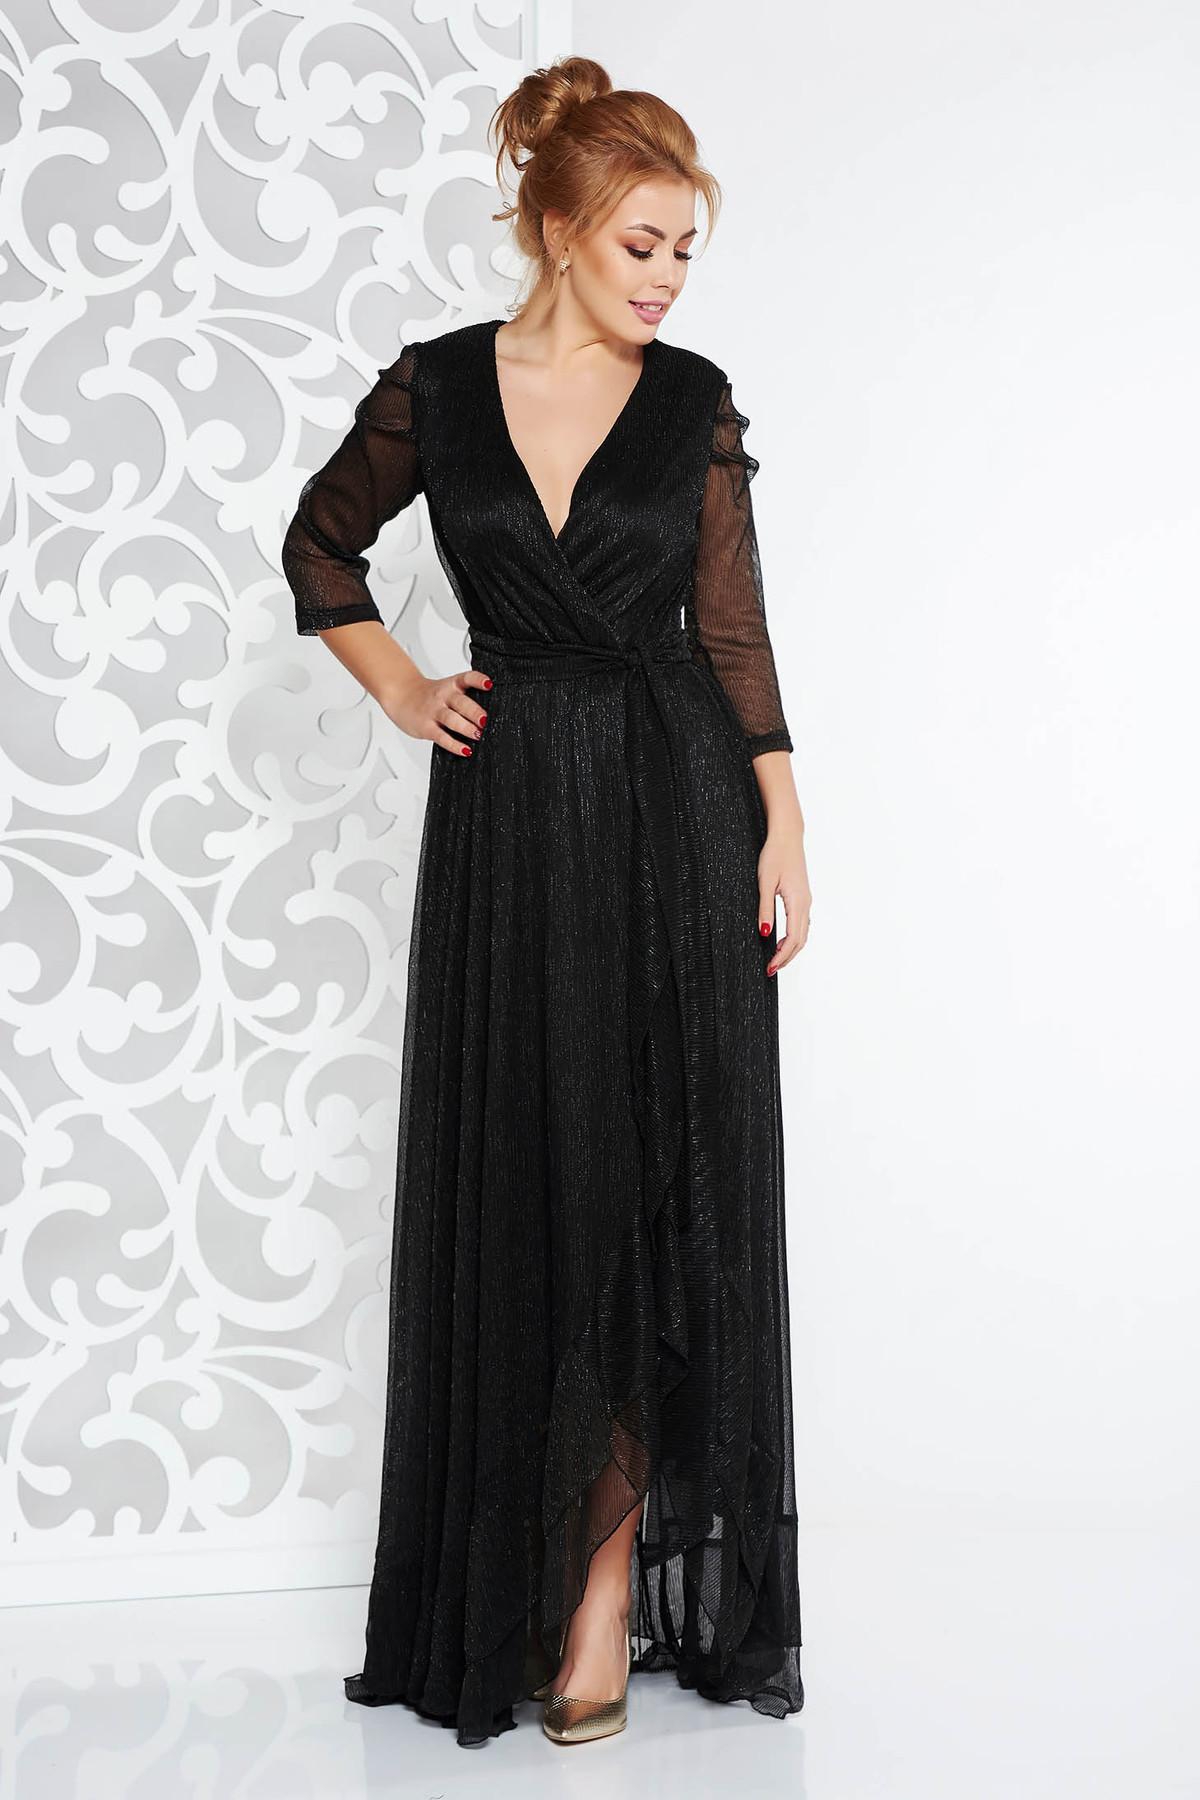 a16498239d Fekete Artista alkalmi ruha fényes anyag lamé szál belső béléssel övvel  ellátva